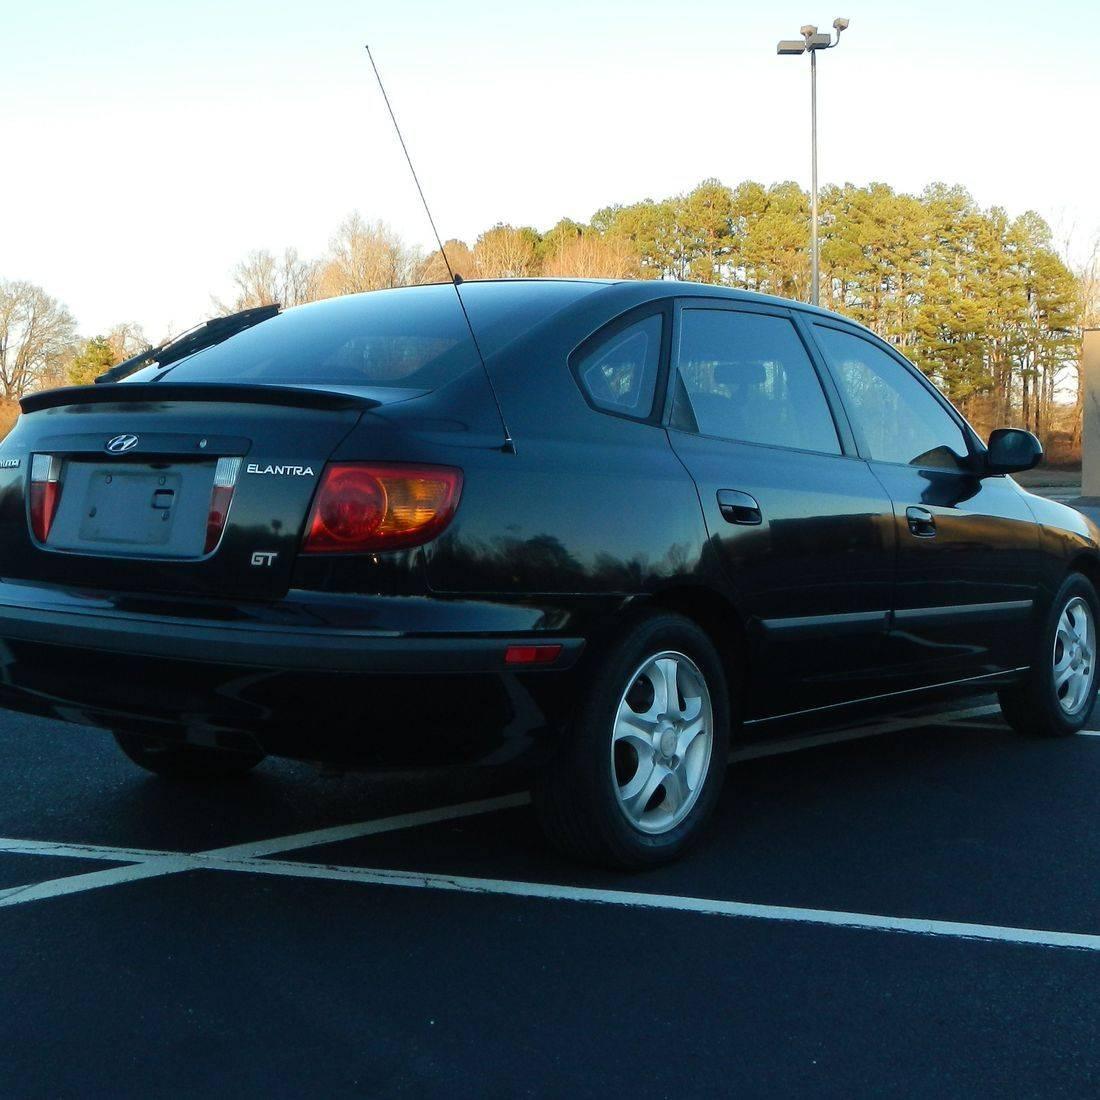 2003 Hyundai Elantra GT